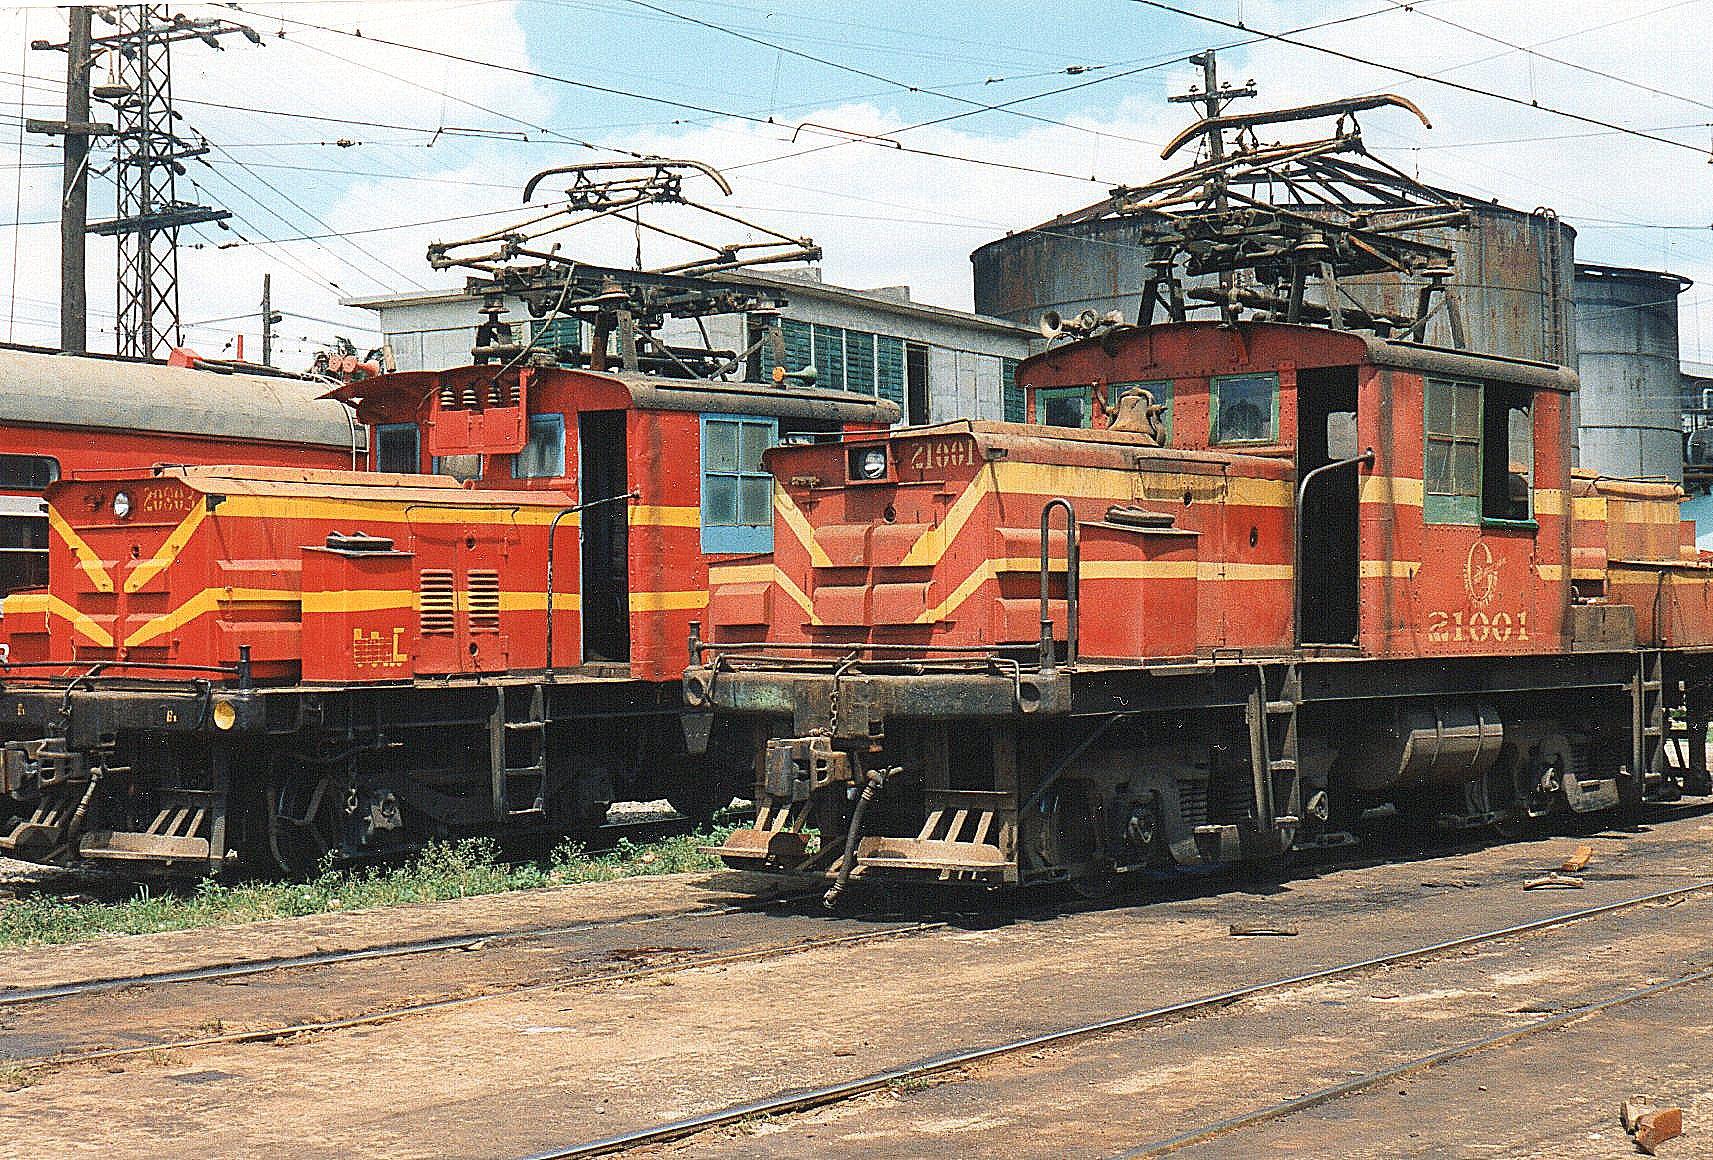 To af banens originale elektriske lokomotiver, FCC 20803 og 21001. begge fra GE, men uden synlige data.